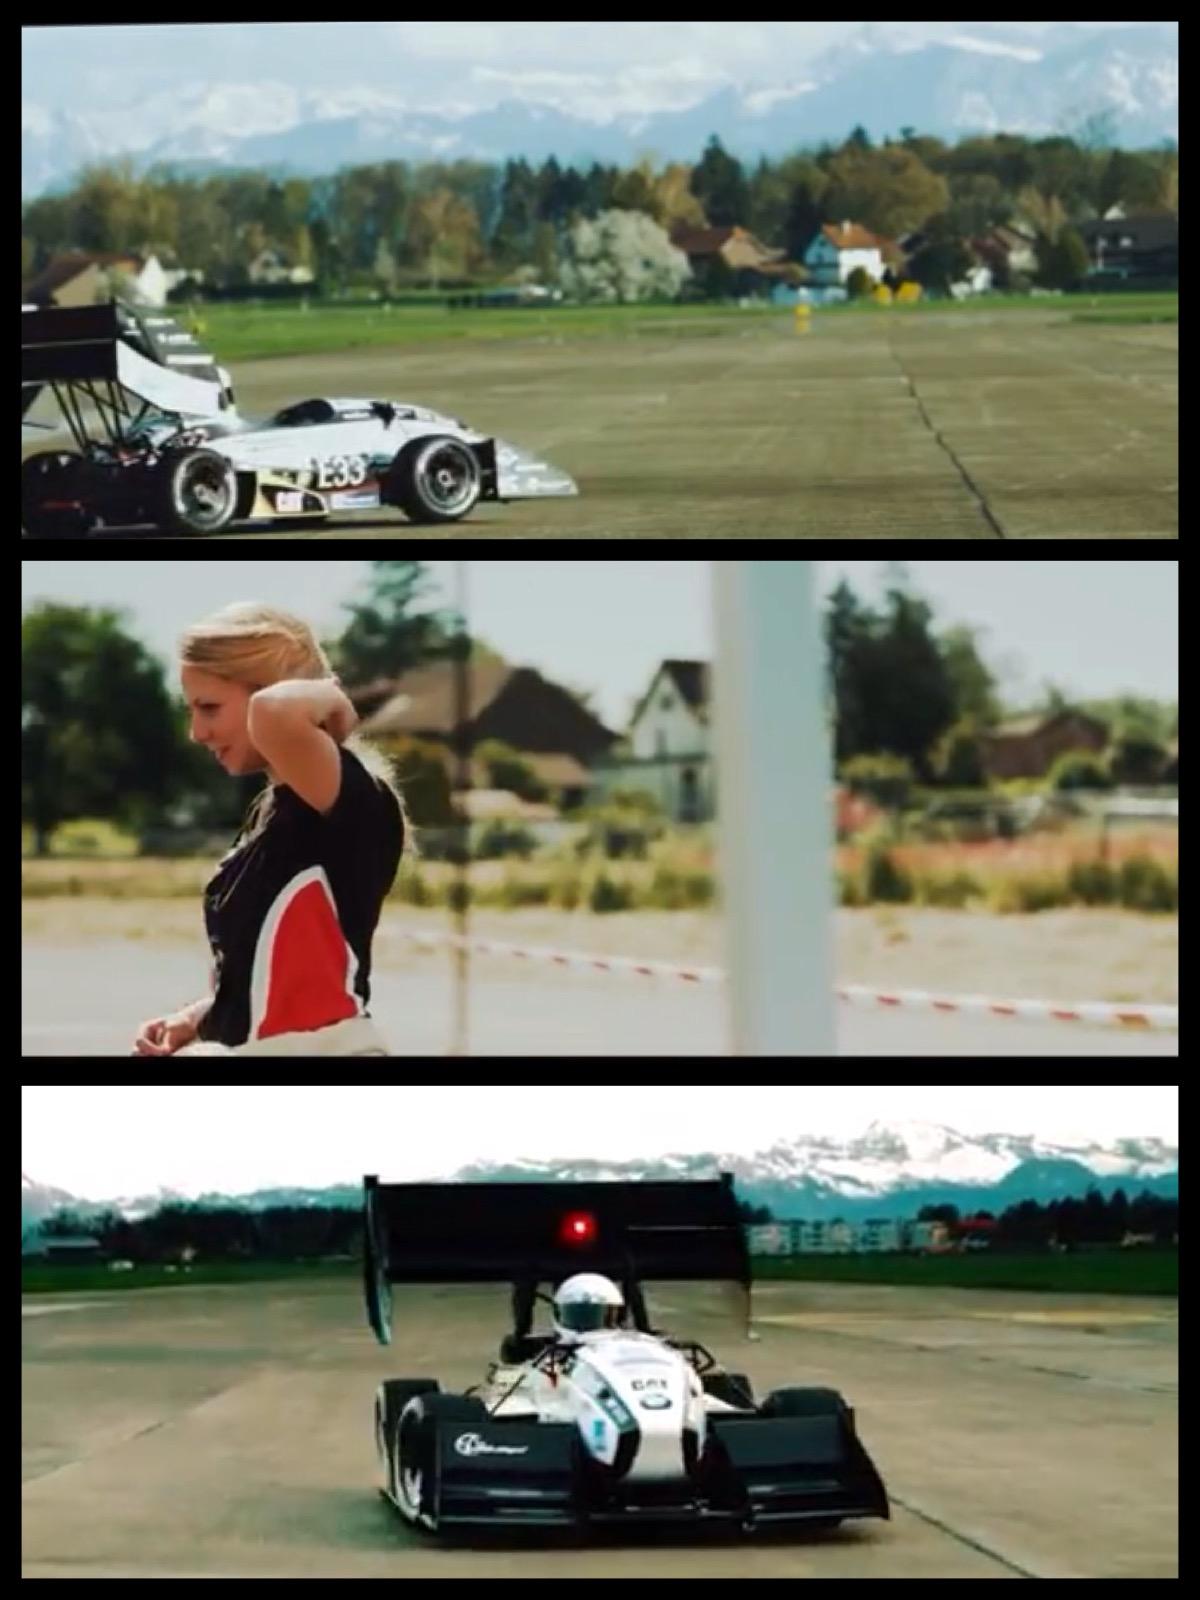 電気自動車の0-100km/h加速 世界記録 1.513秒